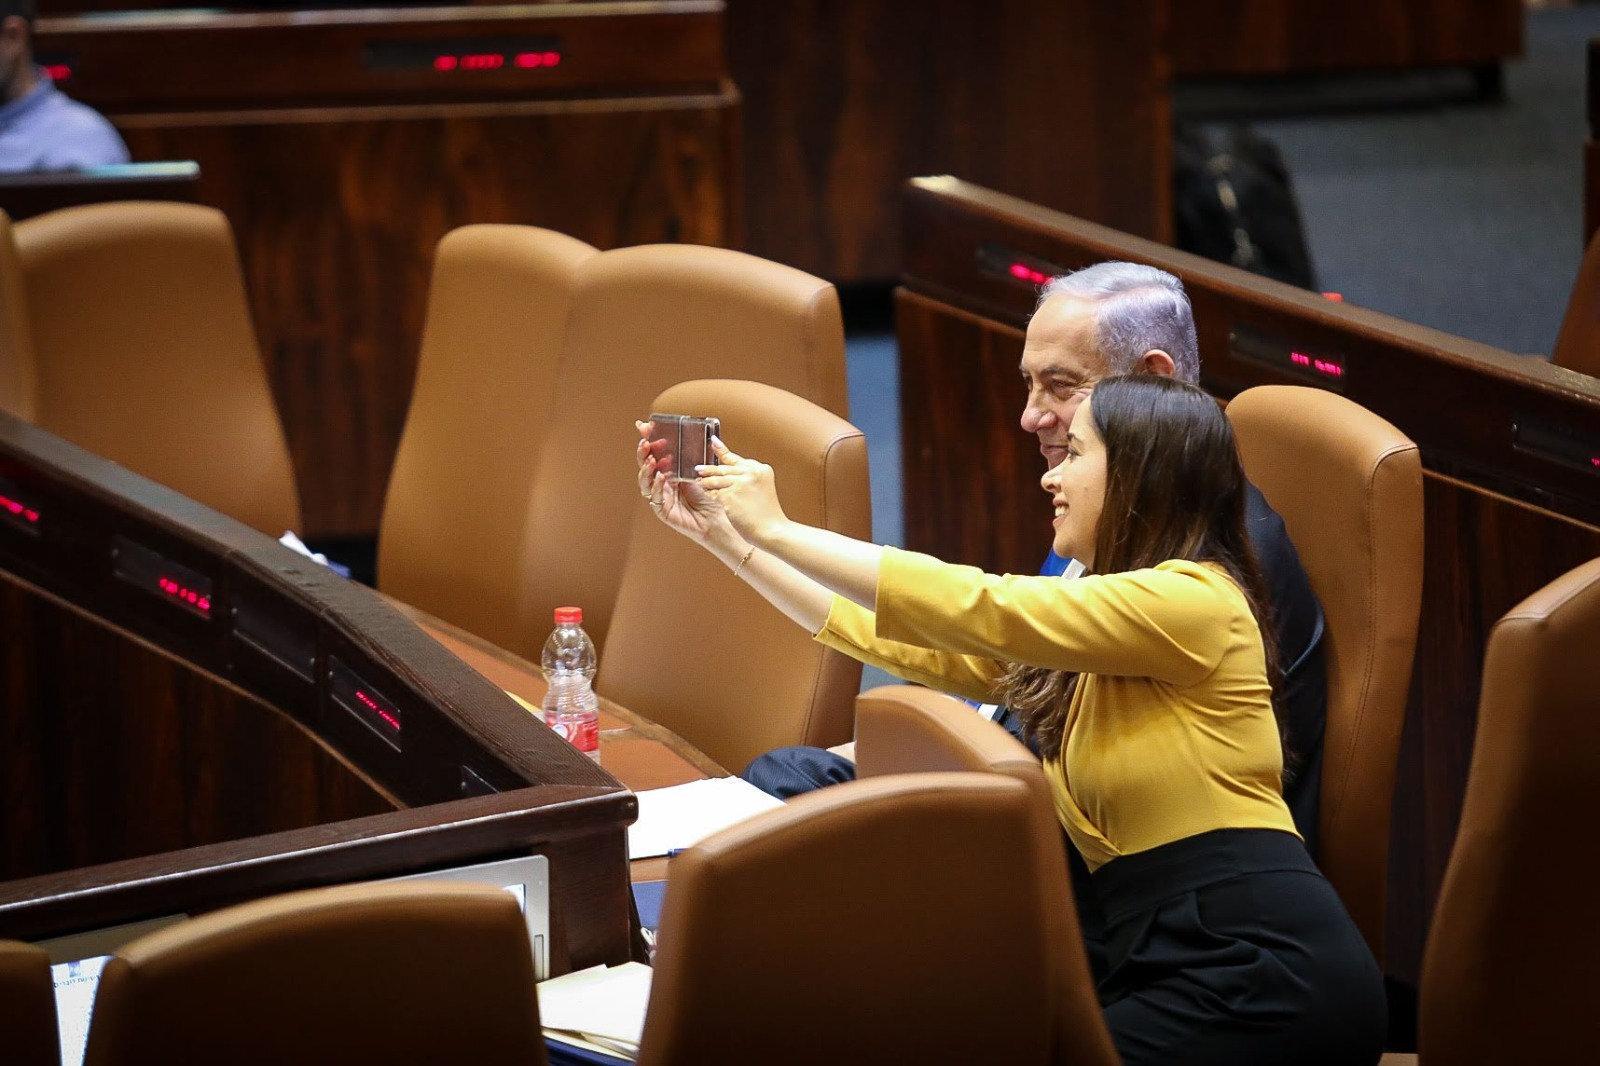 צילום: דוברות הכנסת, נועם מושקוביץ